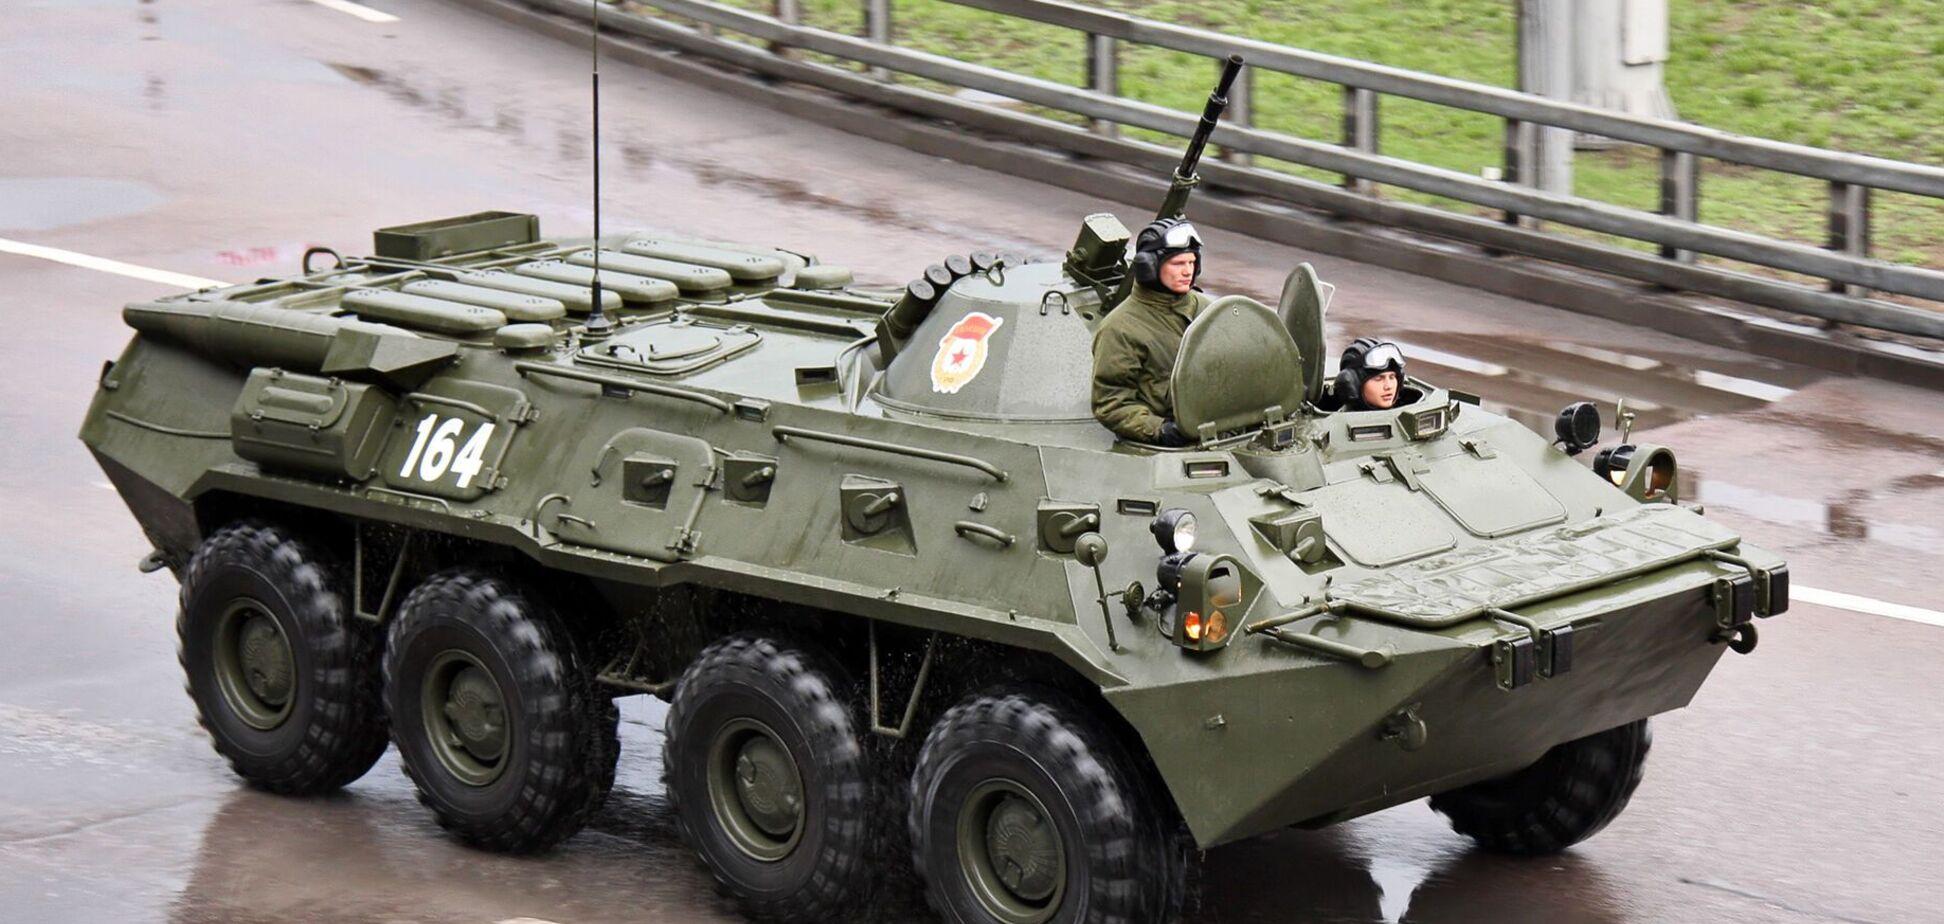 В Беларуси заметили колонну БТР у границы с РФ